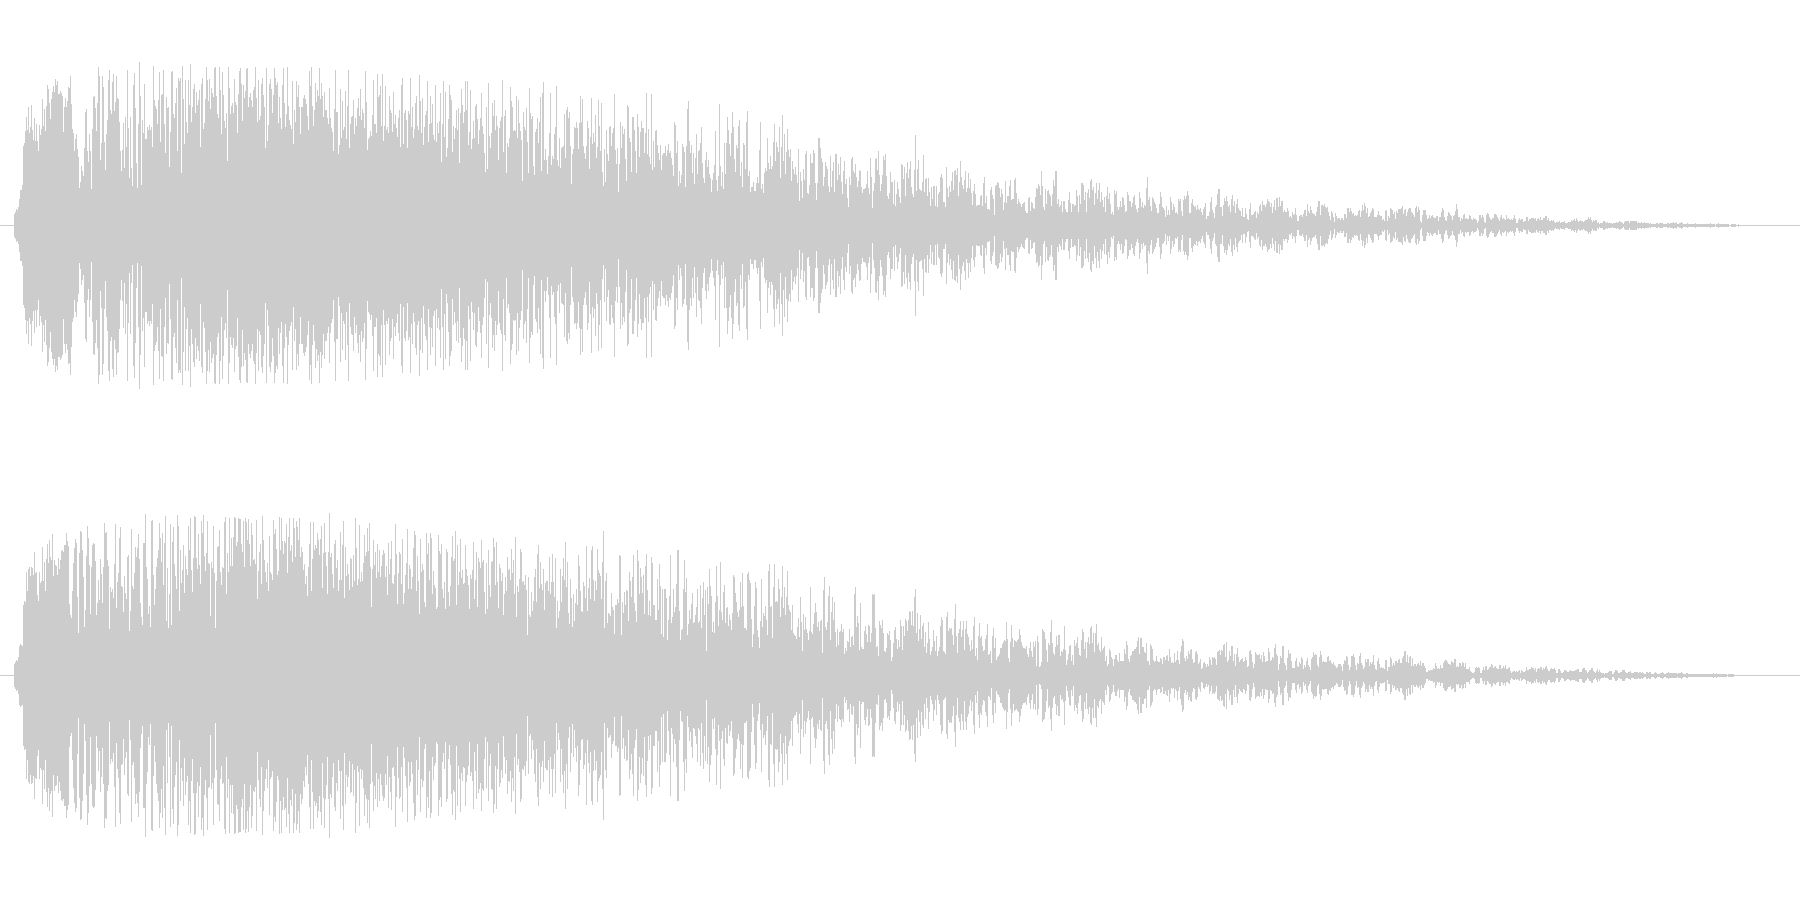 シャラーン(優しく綺麗なタイトル音)の未再生の波形